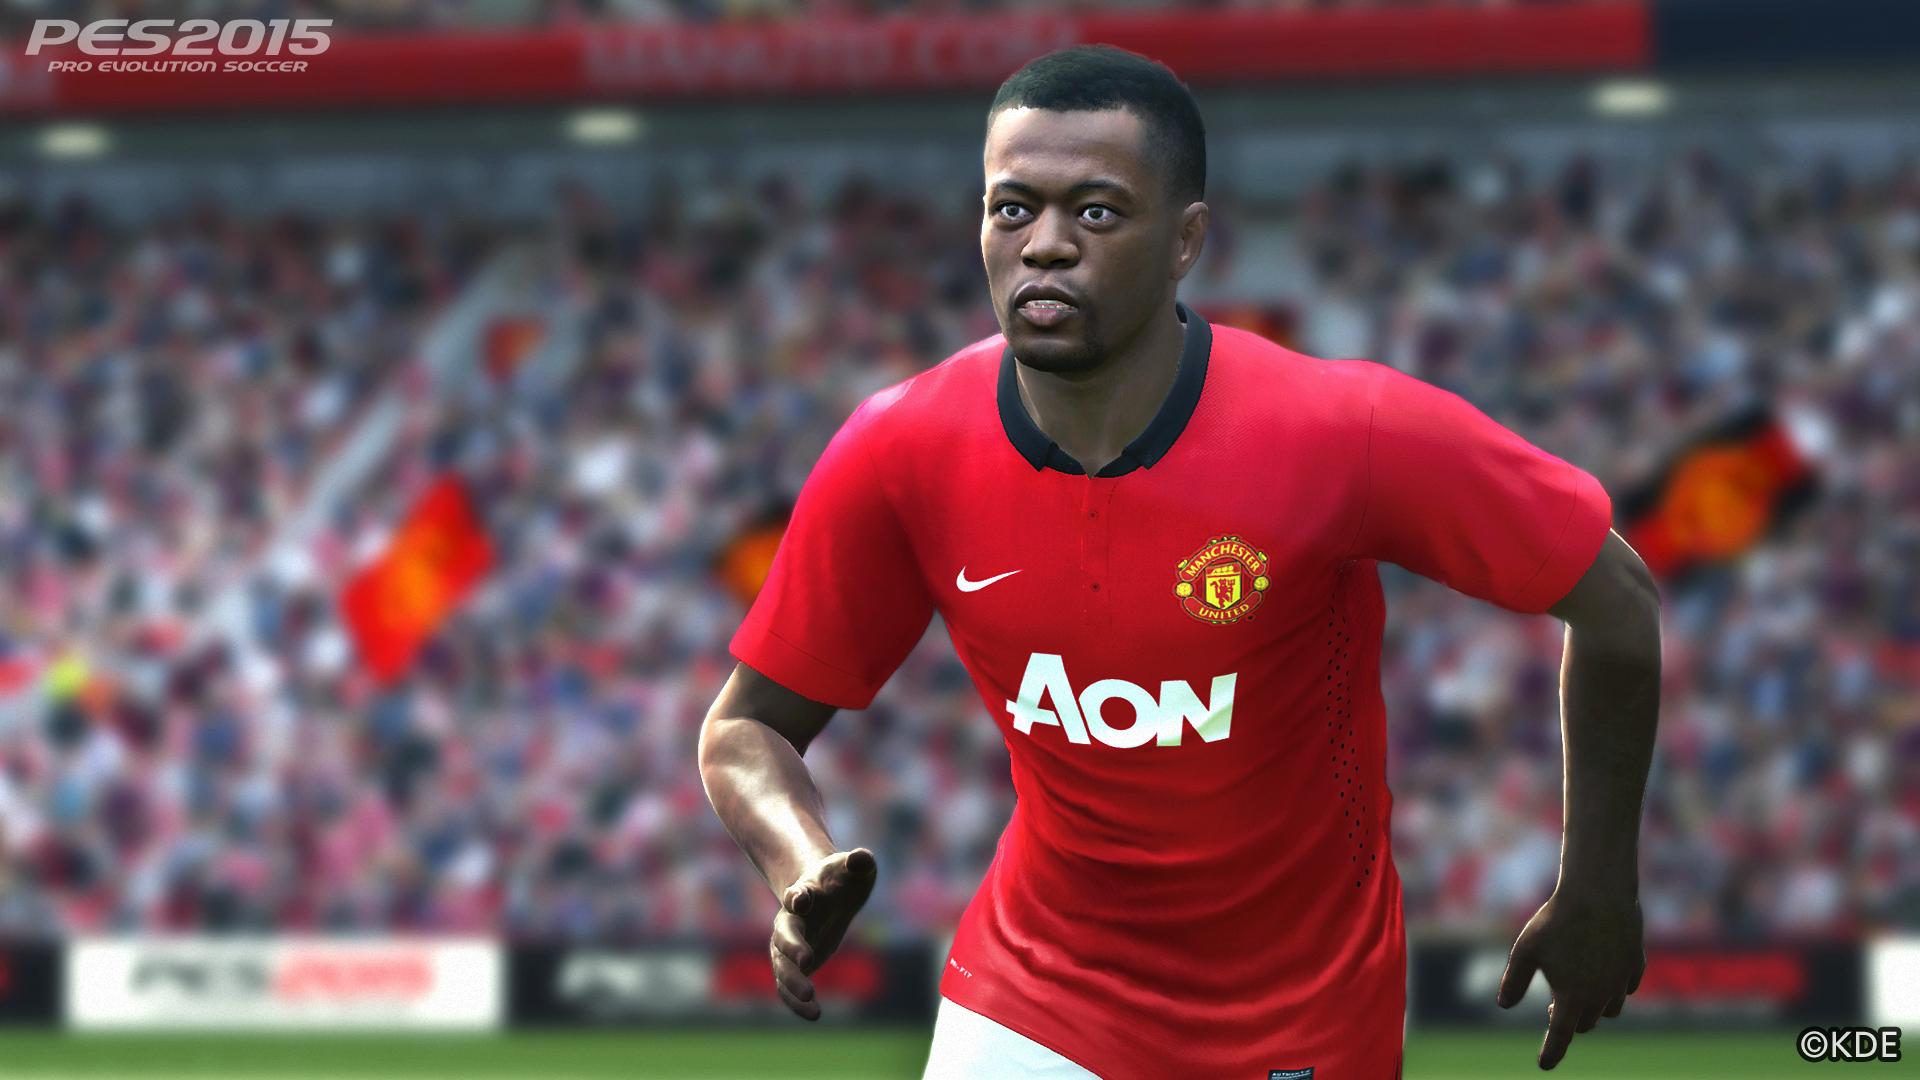 PES 2015: Die neue Ausgabe der Fußball-Simulation Pro Evolution Soccer erscheint am 13. November 2014